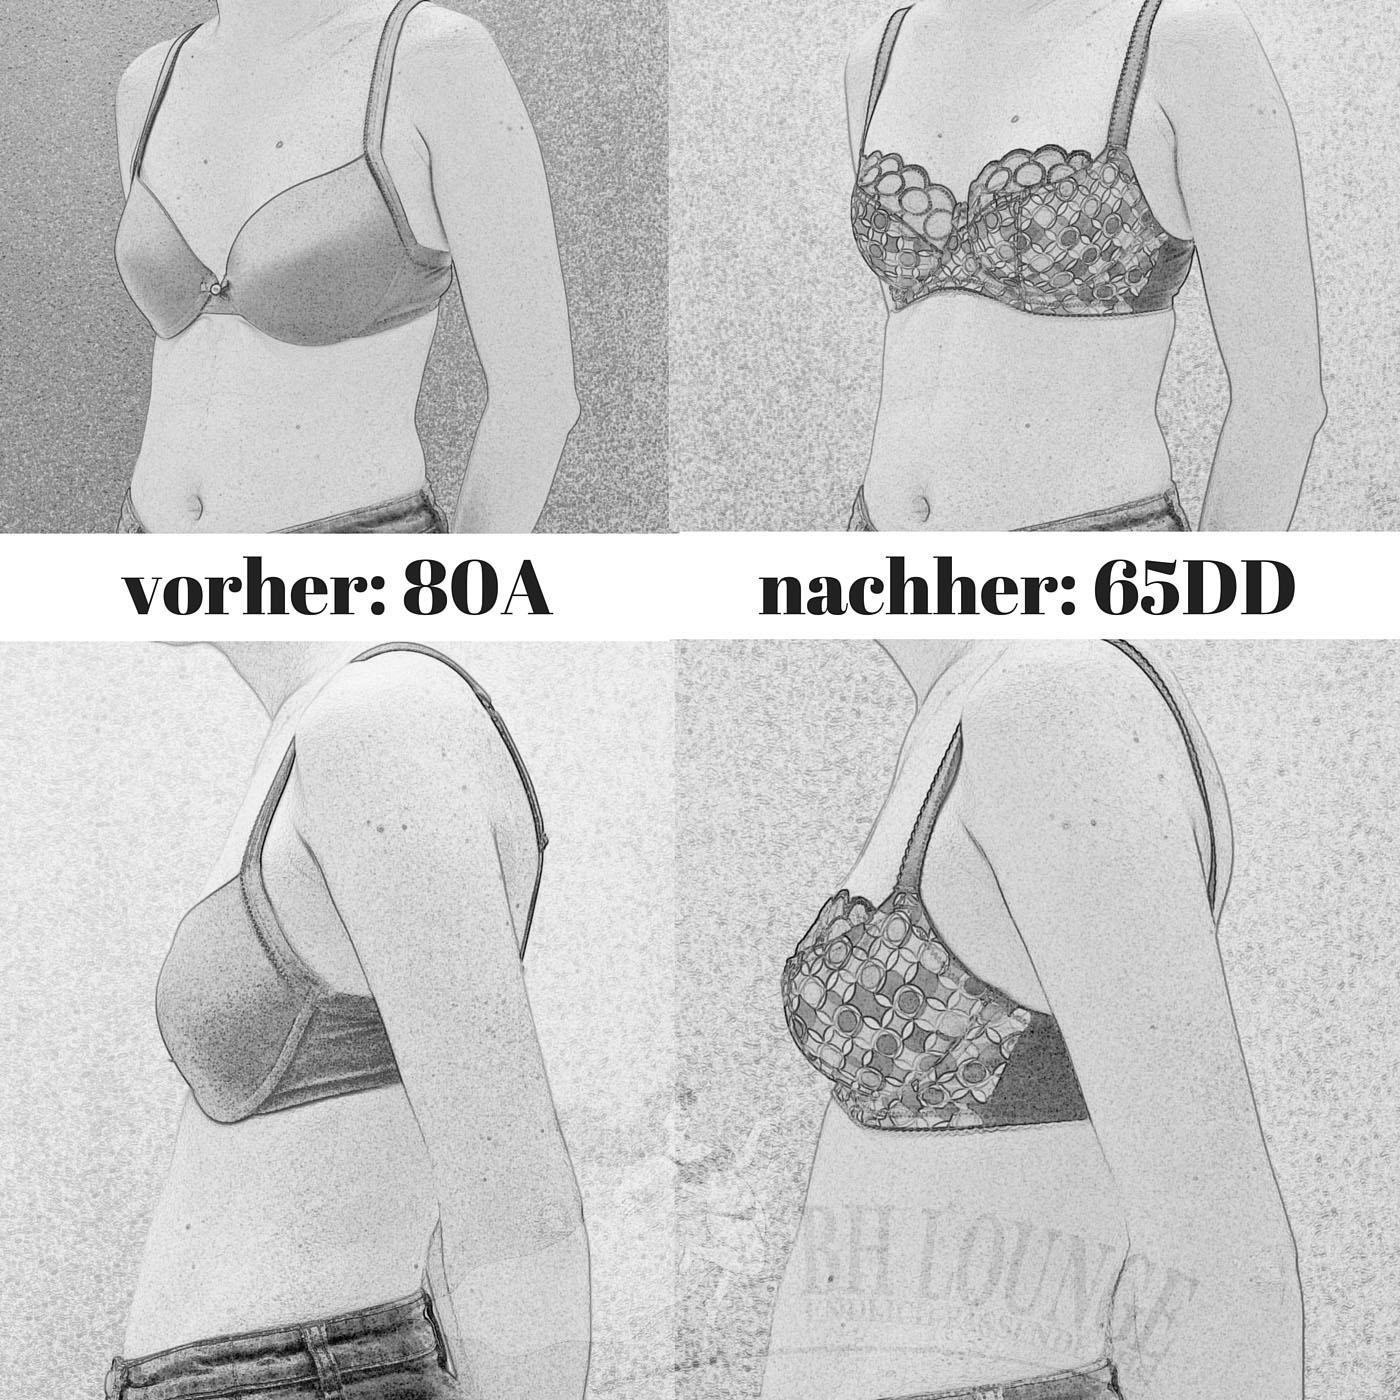 Vorher-nachher-80A-65DD